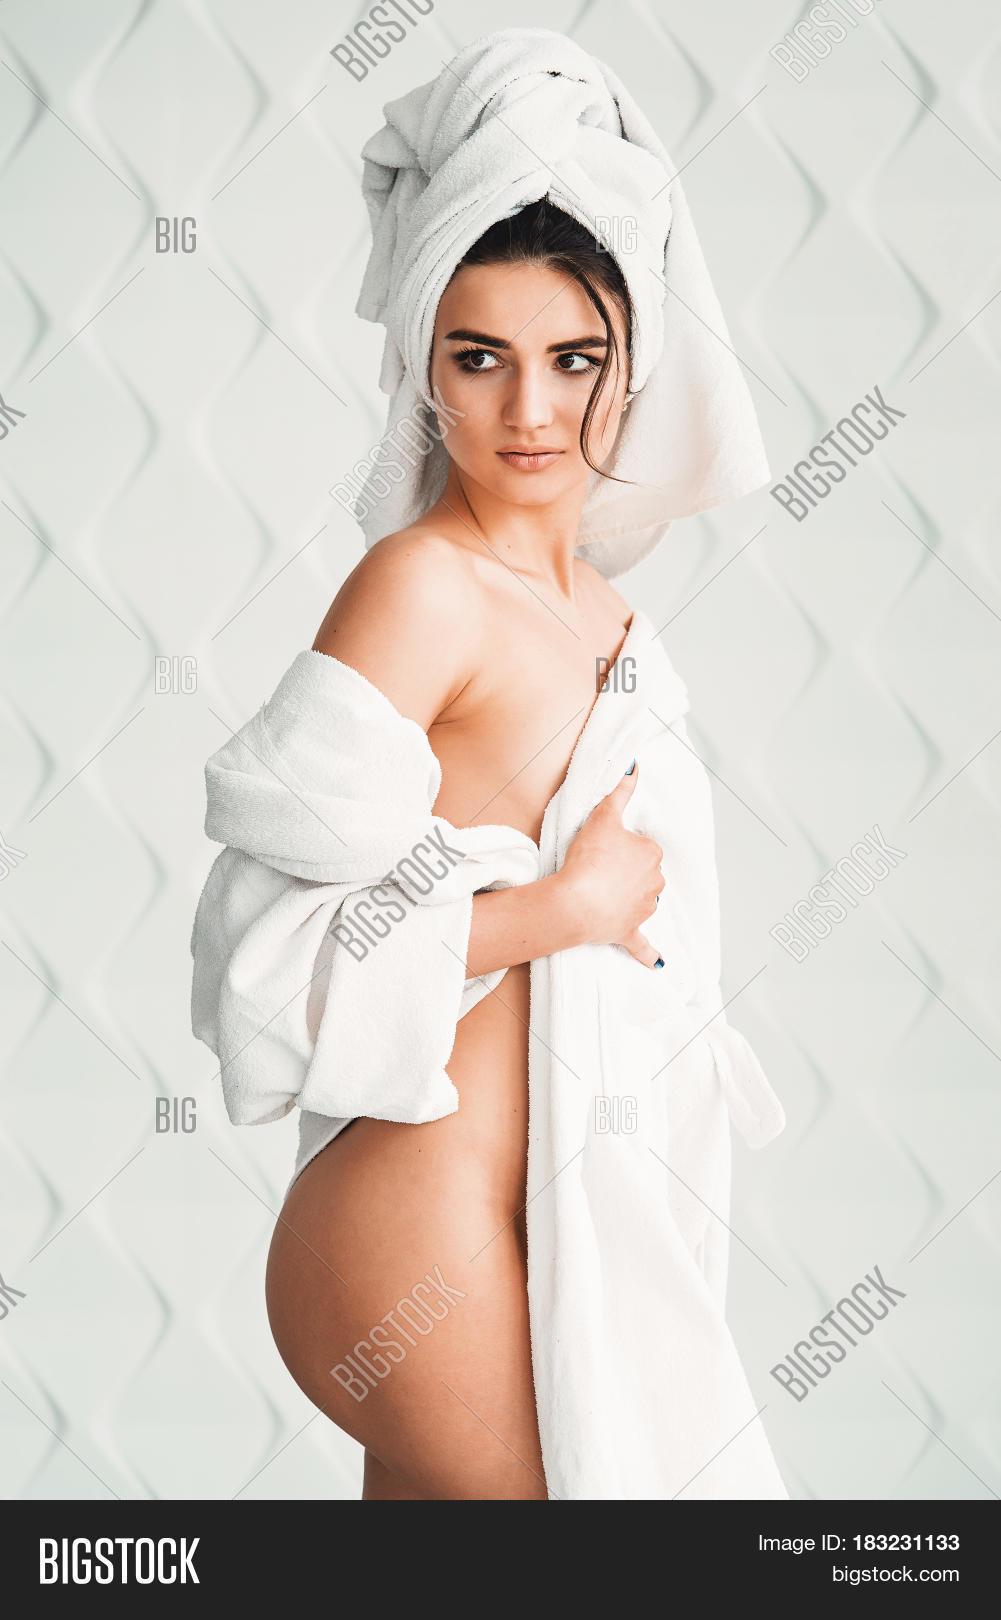 Self naked indian school girl